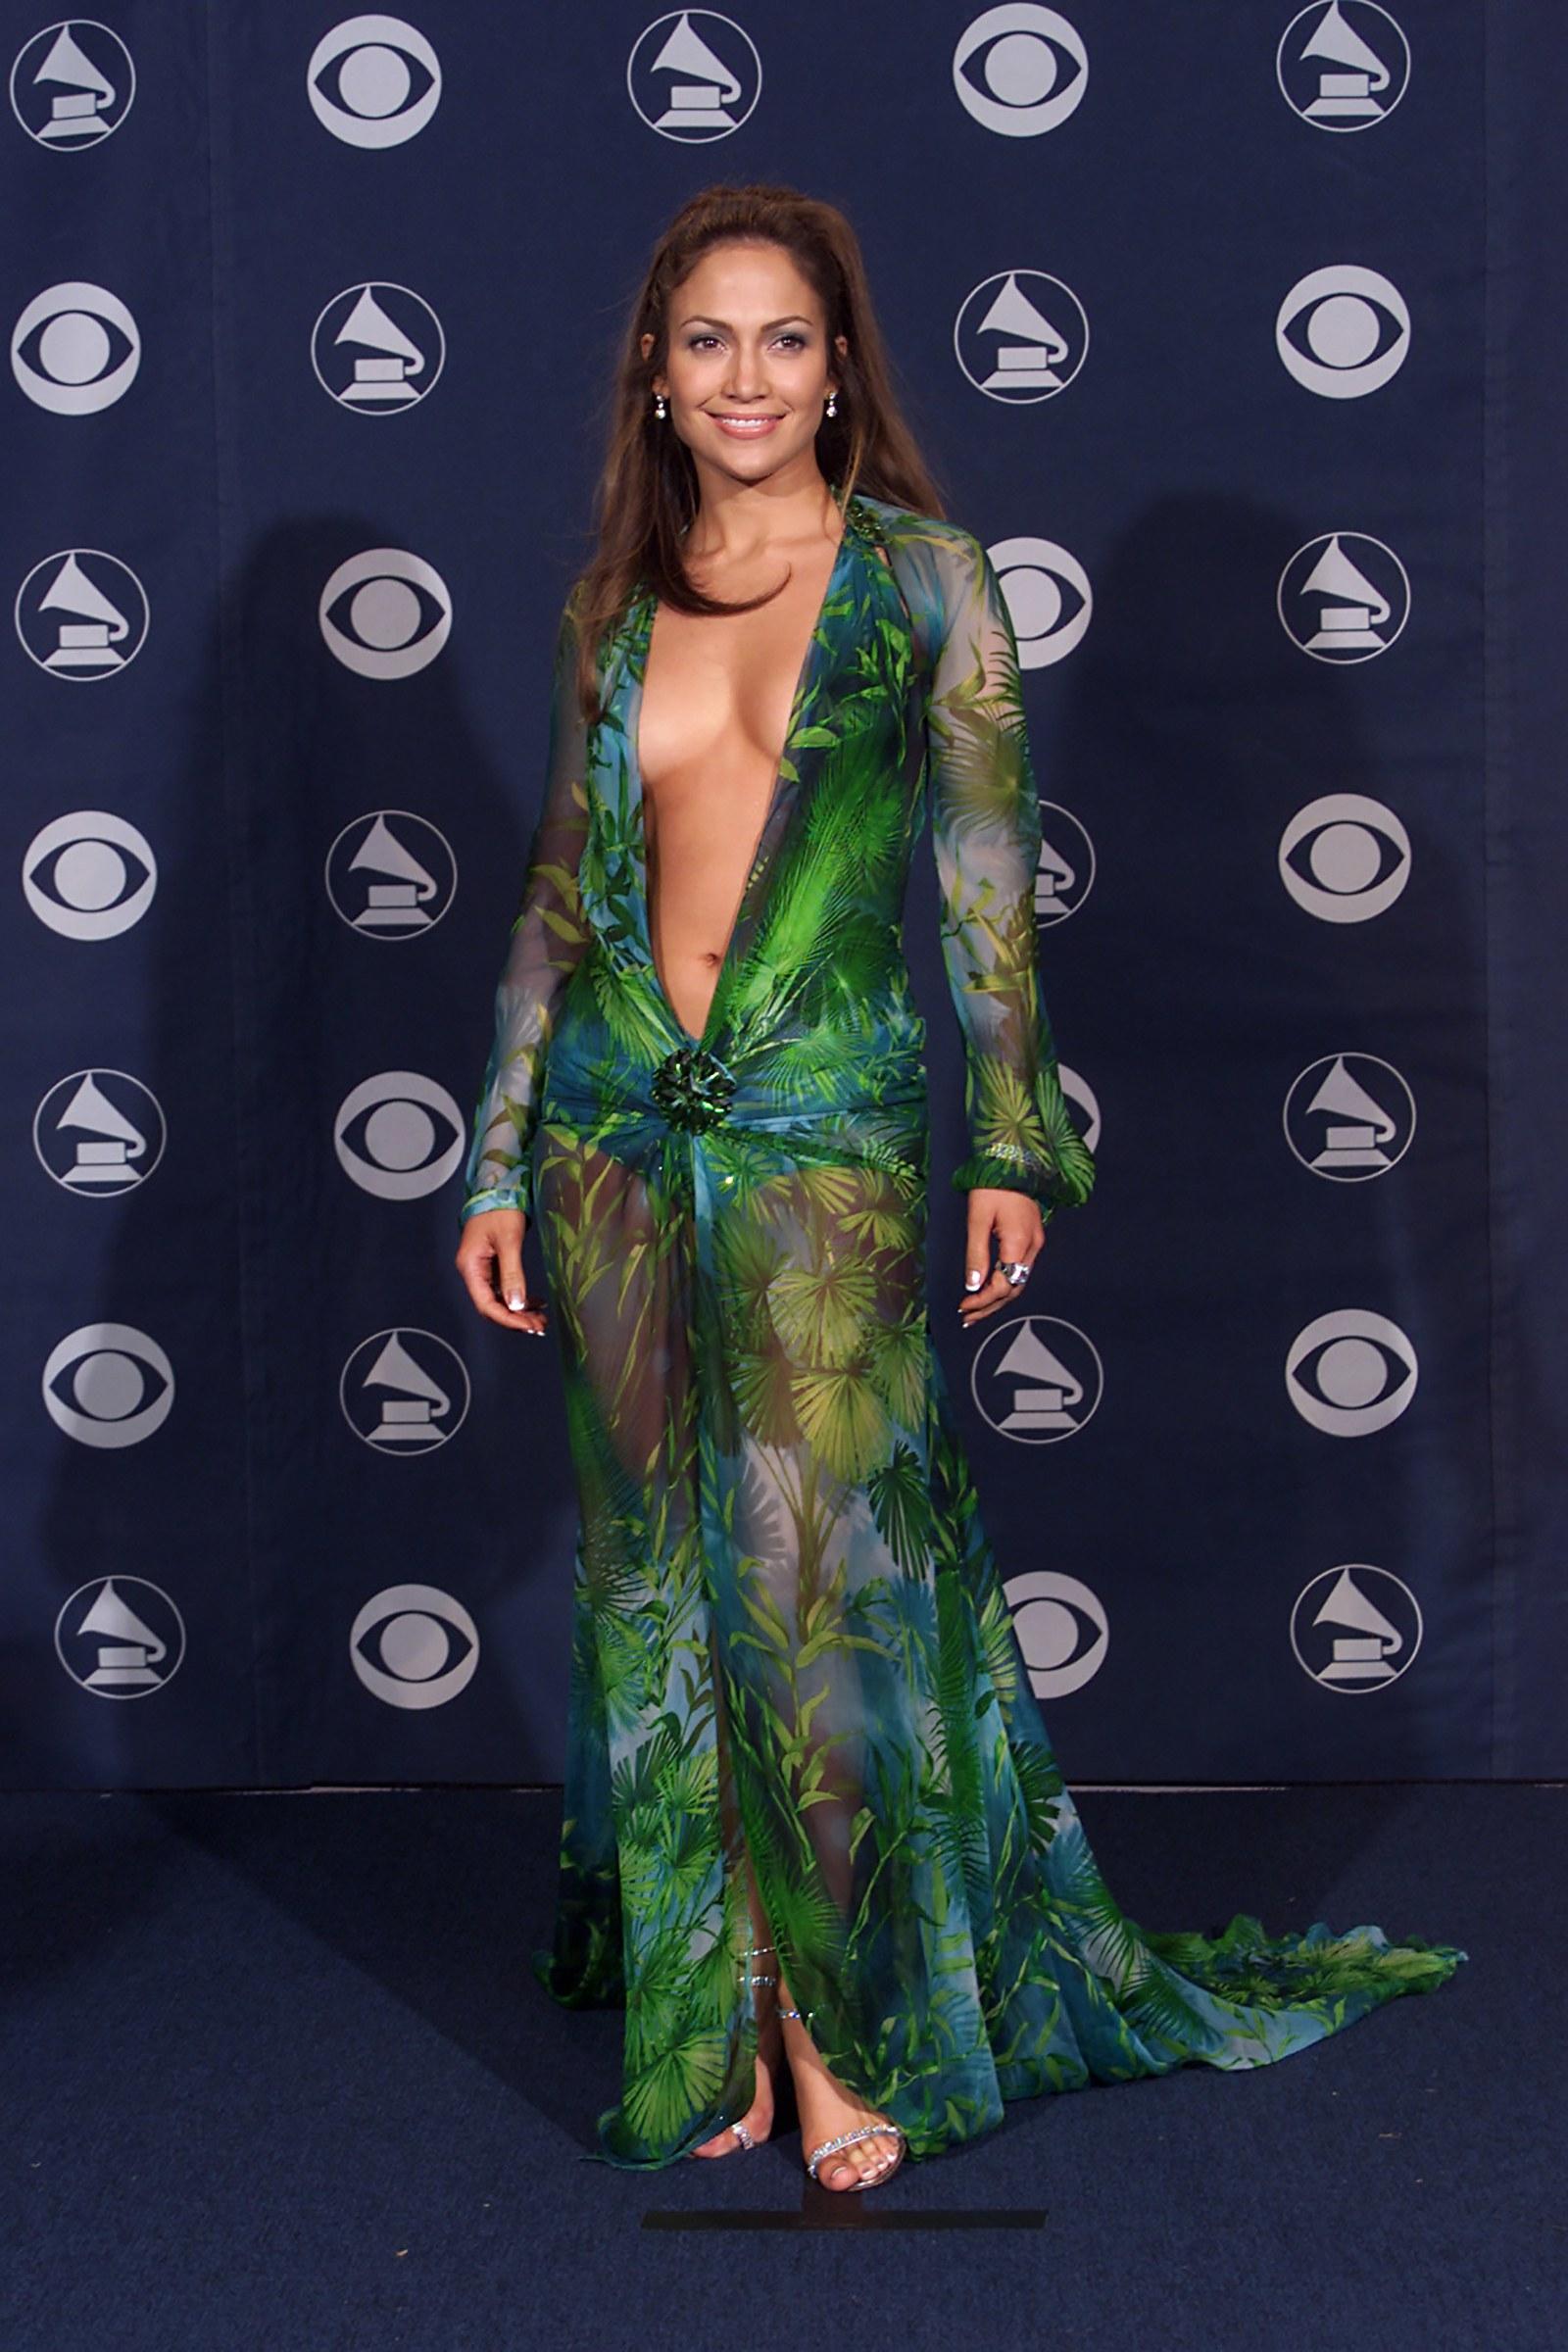 Csodáljuk meg még egyszer a ruhát, ami ezt az egész lavinát indította!<br />Még csak nem is J.Lo volt az első, aki viselte, mégis általa vált híressé.